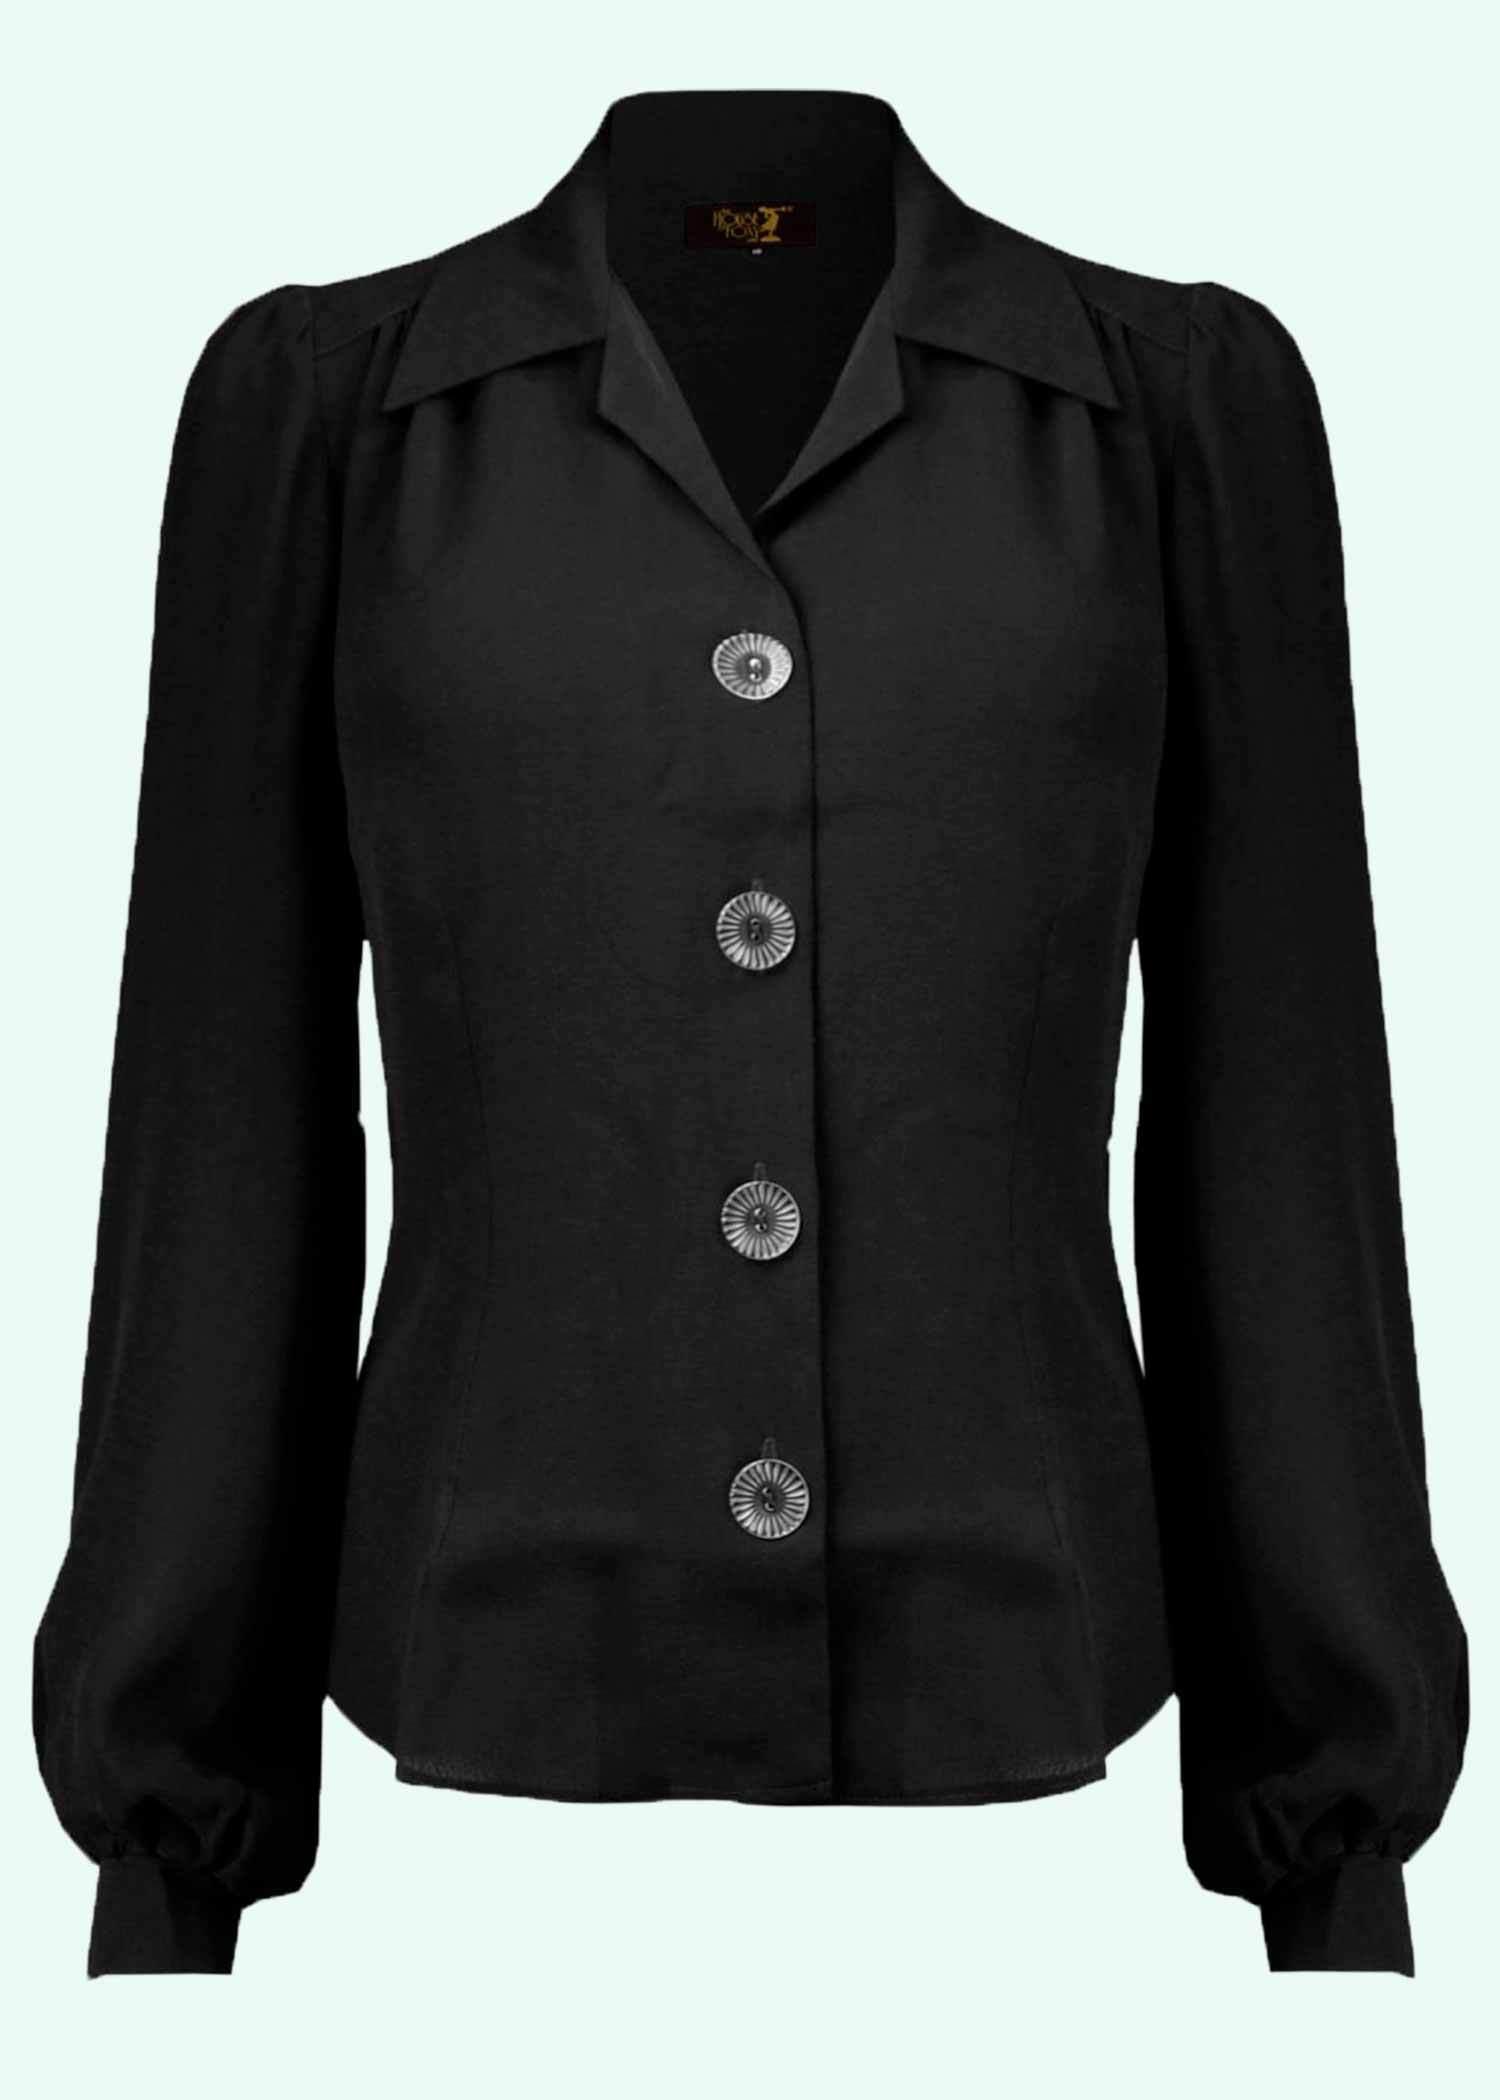 Sort langeærmet skjorte i vintage stil fra The House Of Foxy